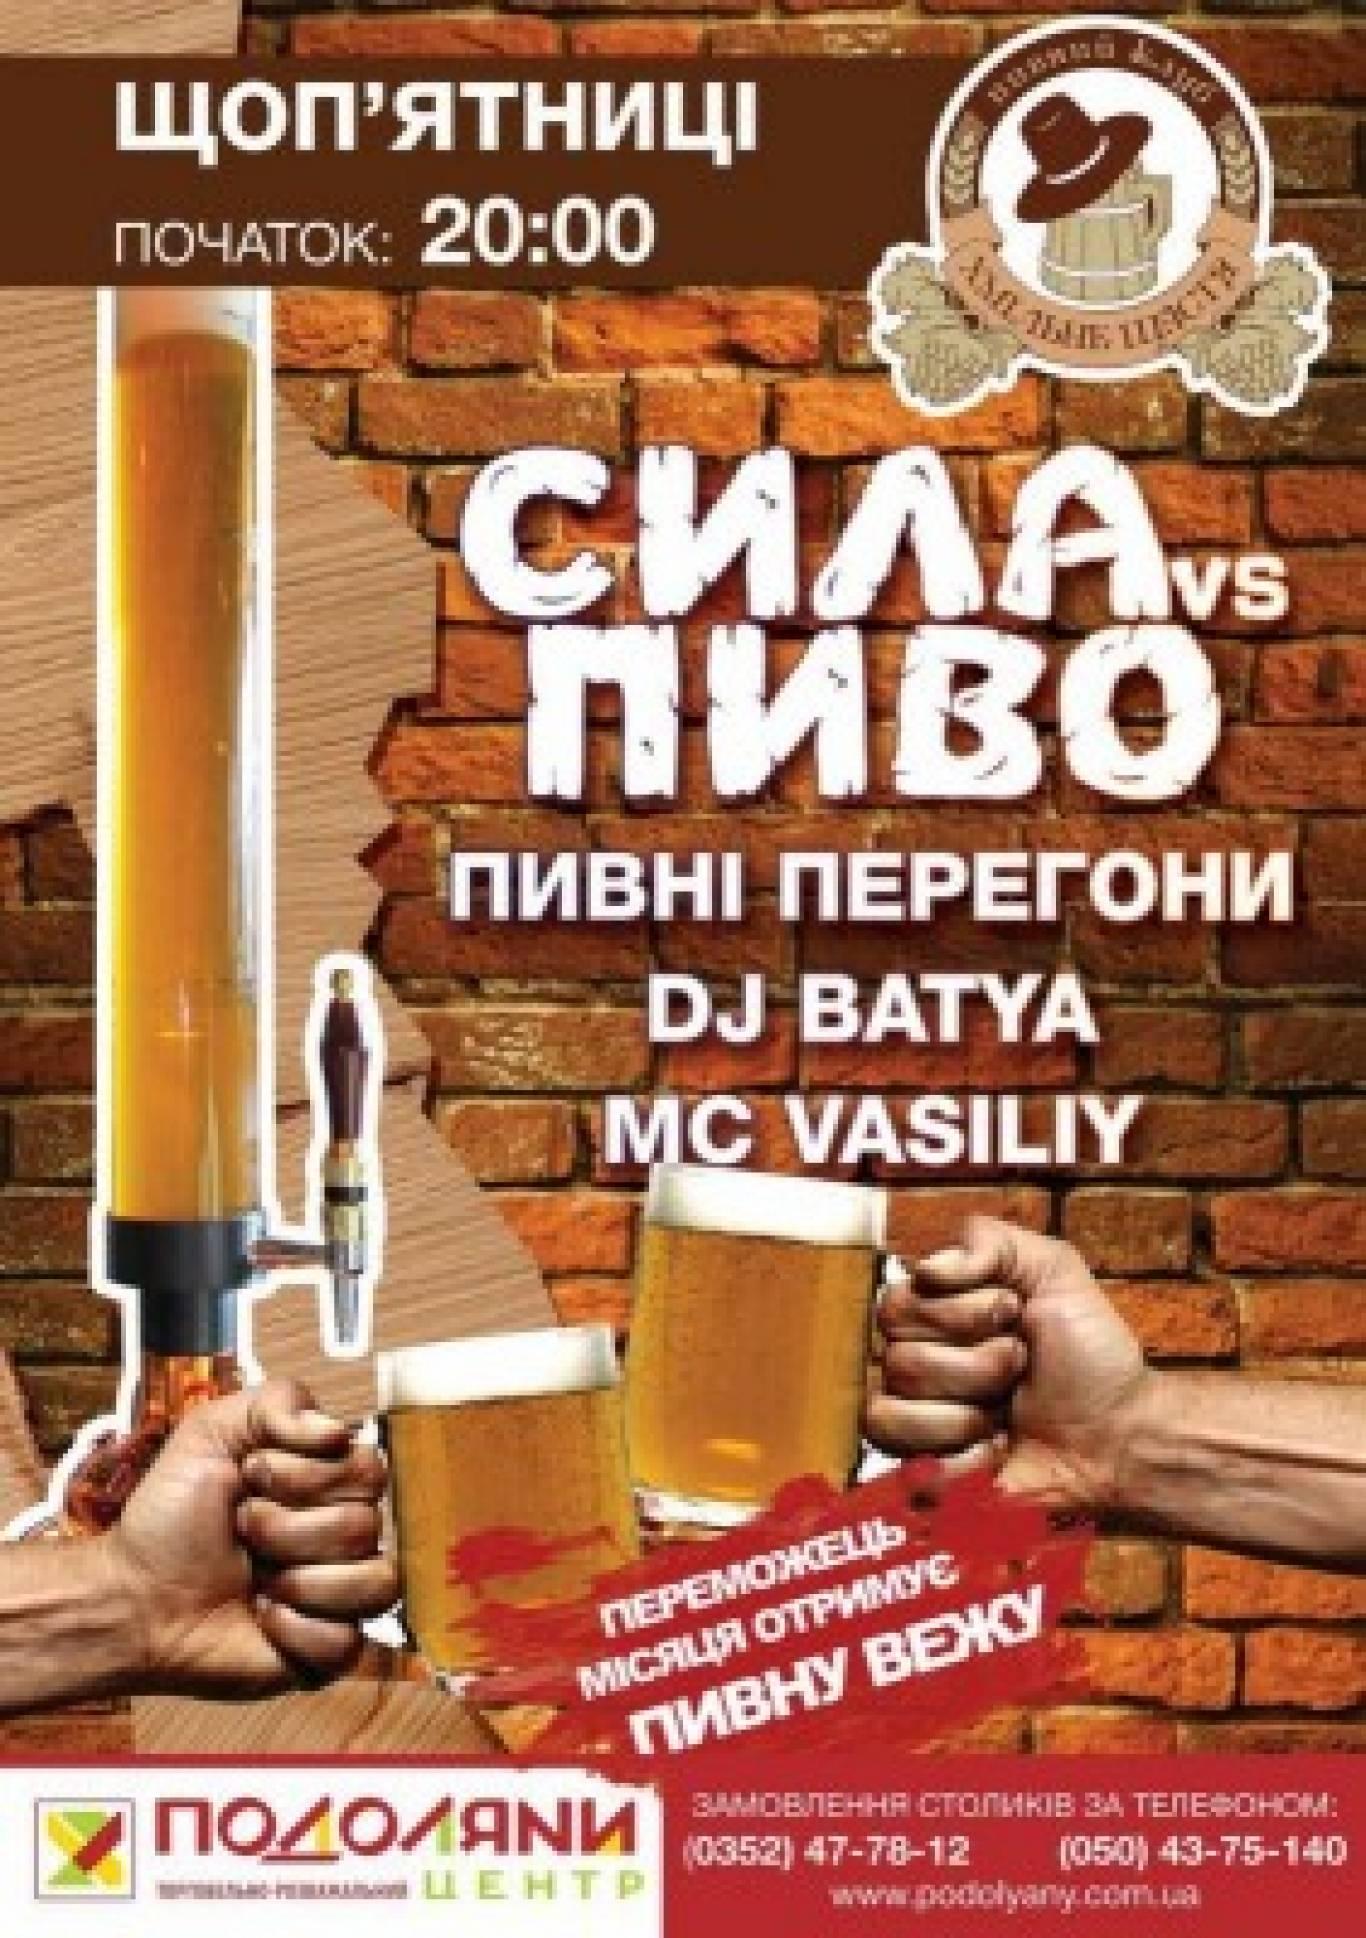 Сила vs Пиво